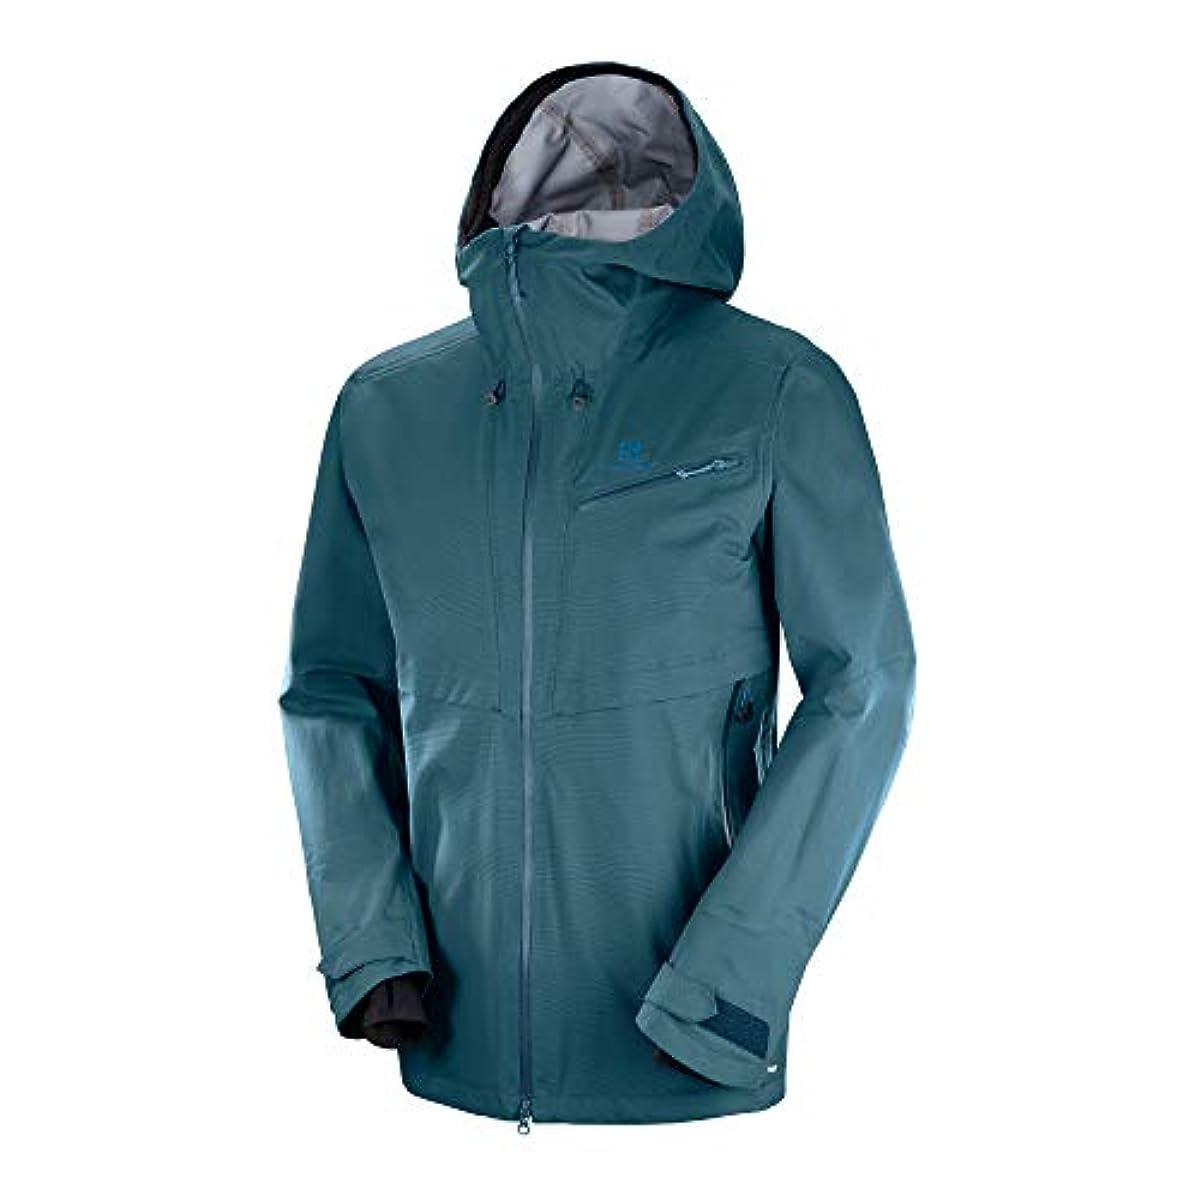 [해외] 살로몬SALOMON 스키 웨어 맨즈 재킷 QUEST GUARD 3L JACKET MEN 퀘스트quest 가이드 3L 재킷 맨즈 2019-20년 모델 사이즈S~L